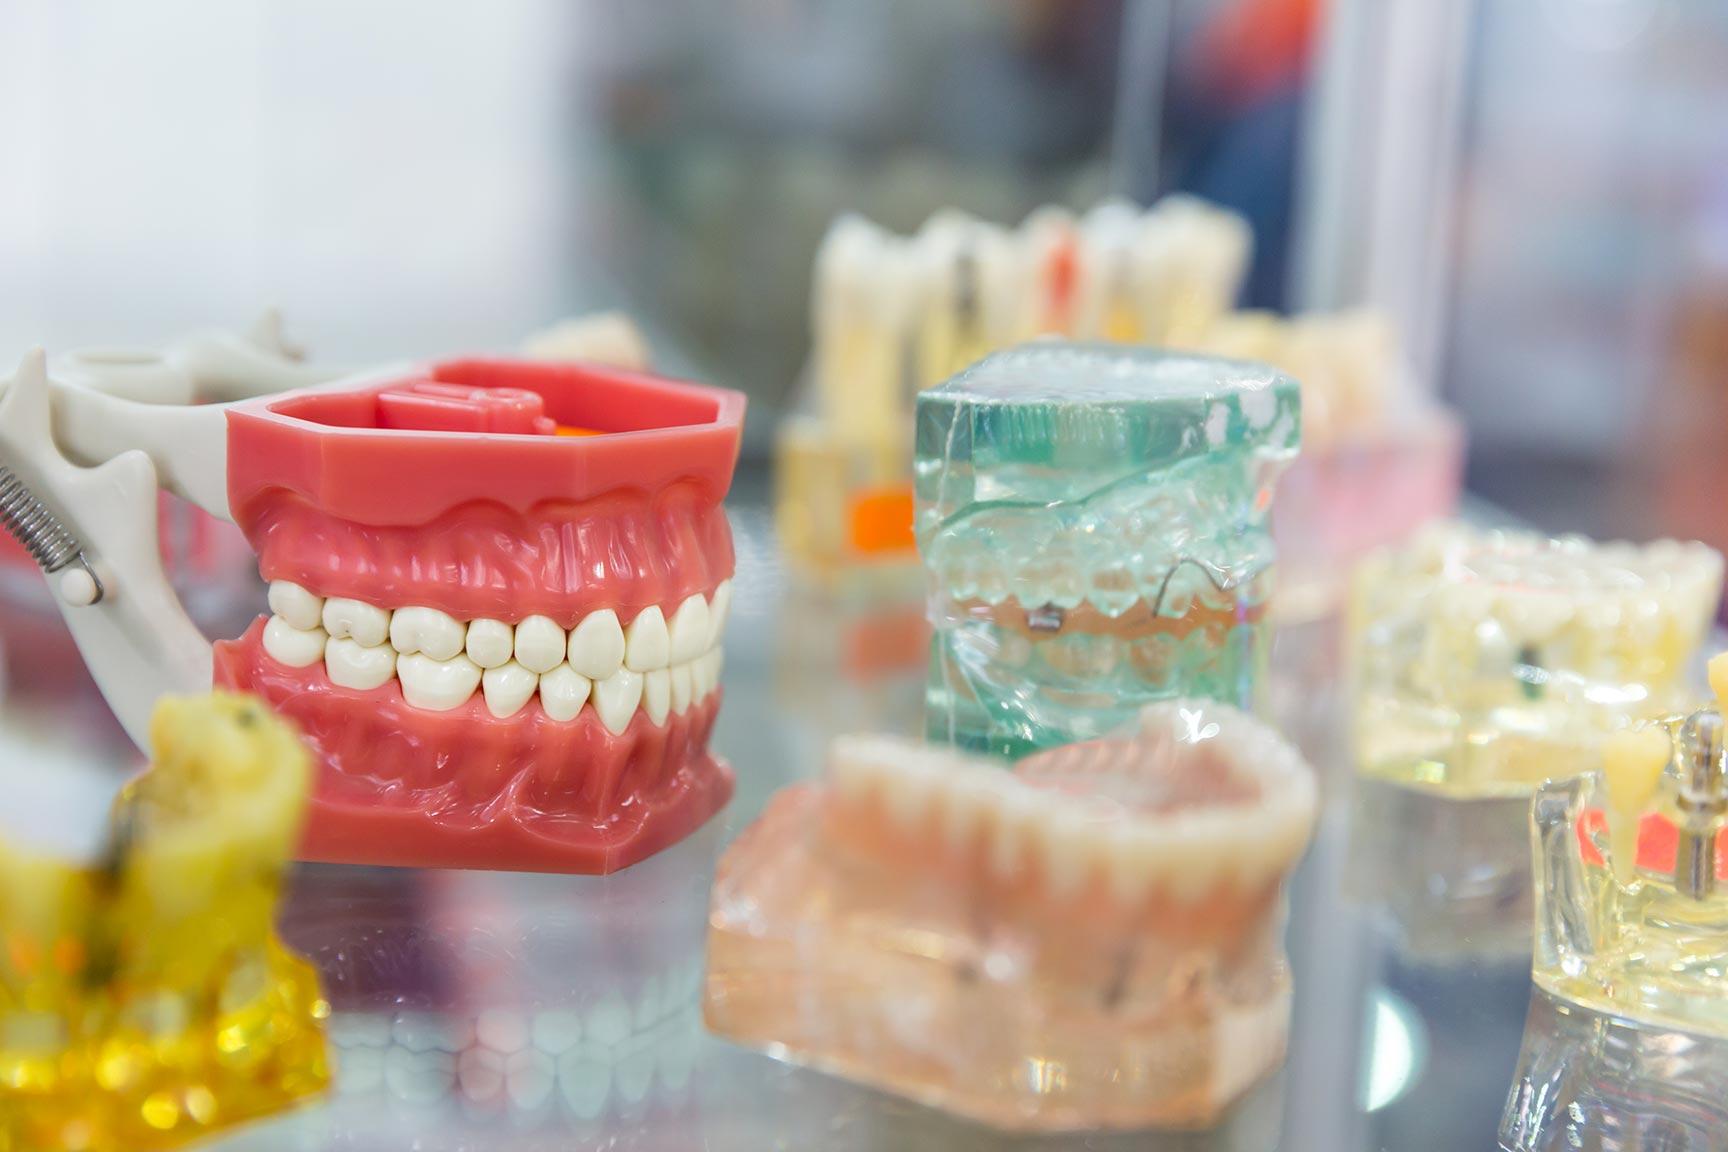 Teeth Misalignments, Overbite, crossbite, teeth spacing